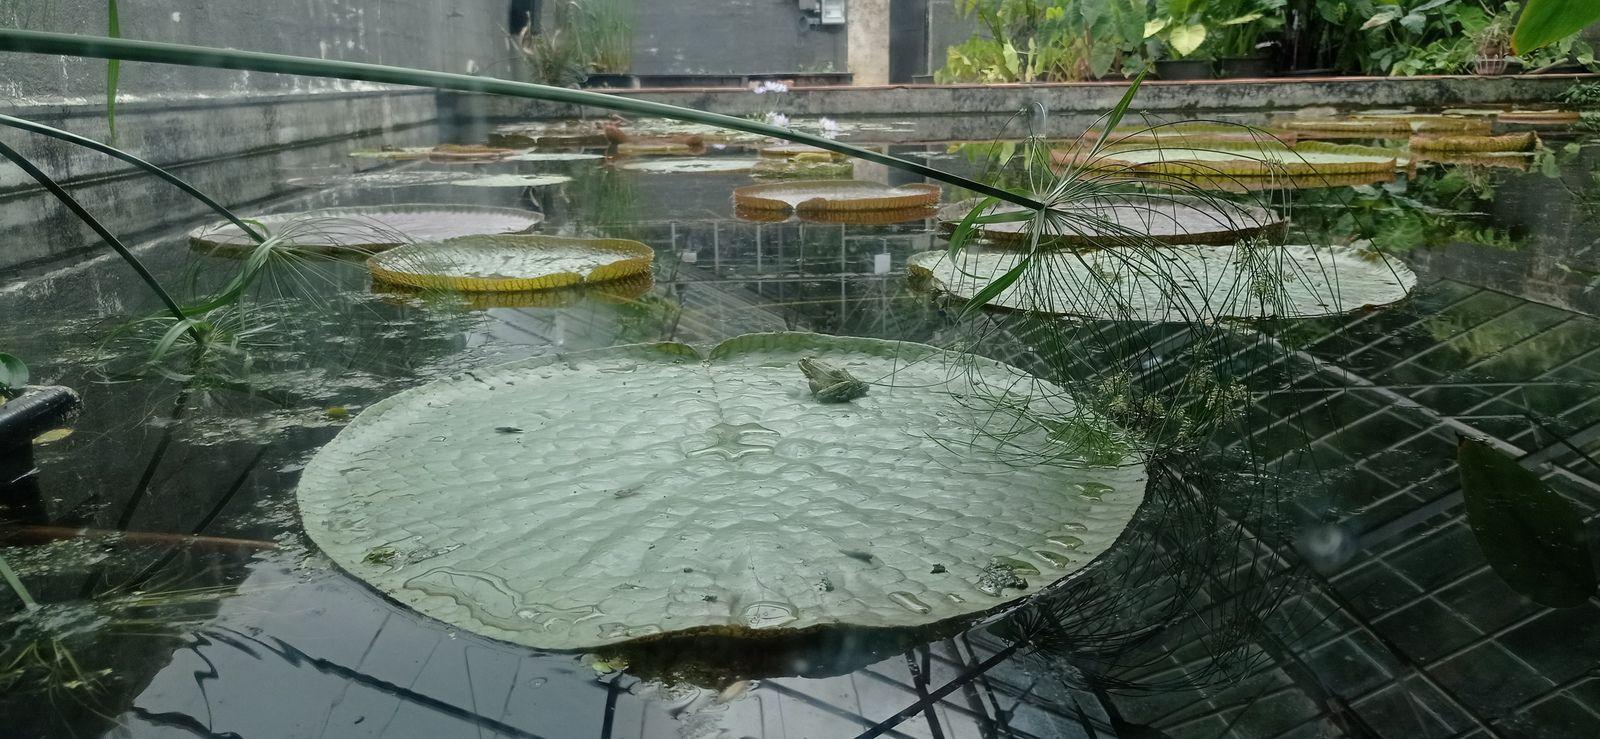 Sortie des CE2 au jardin des nénuphars